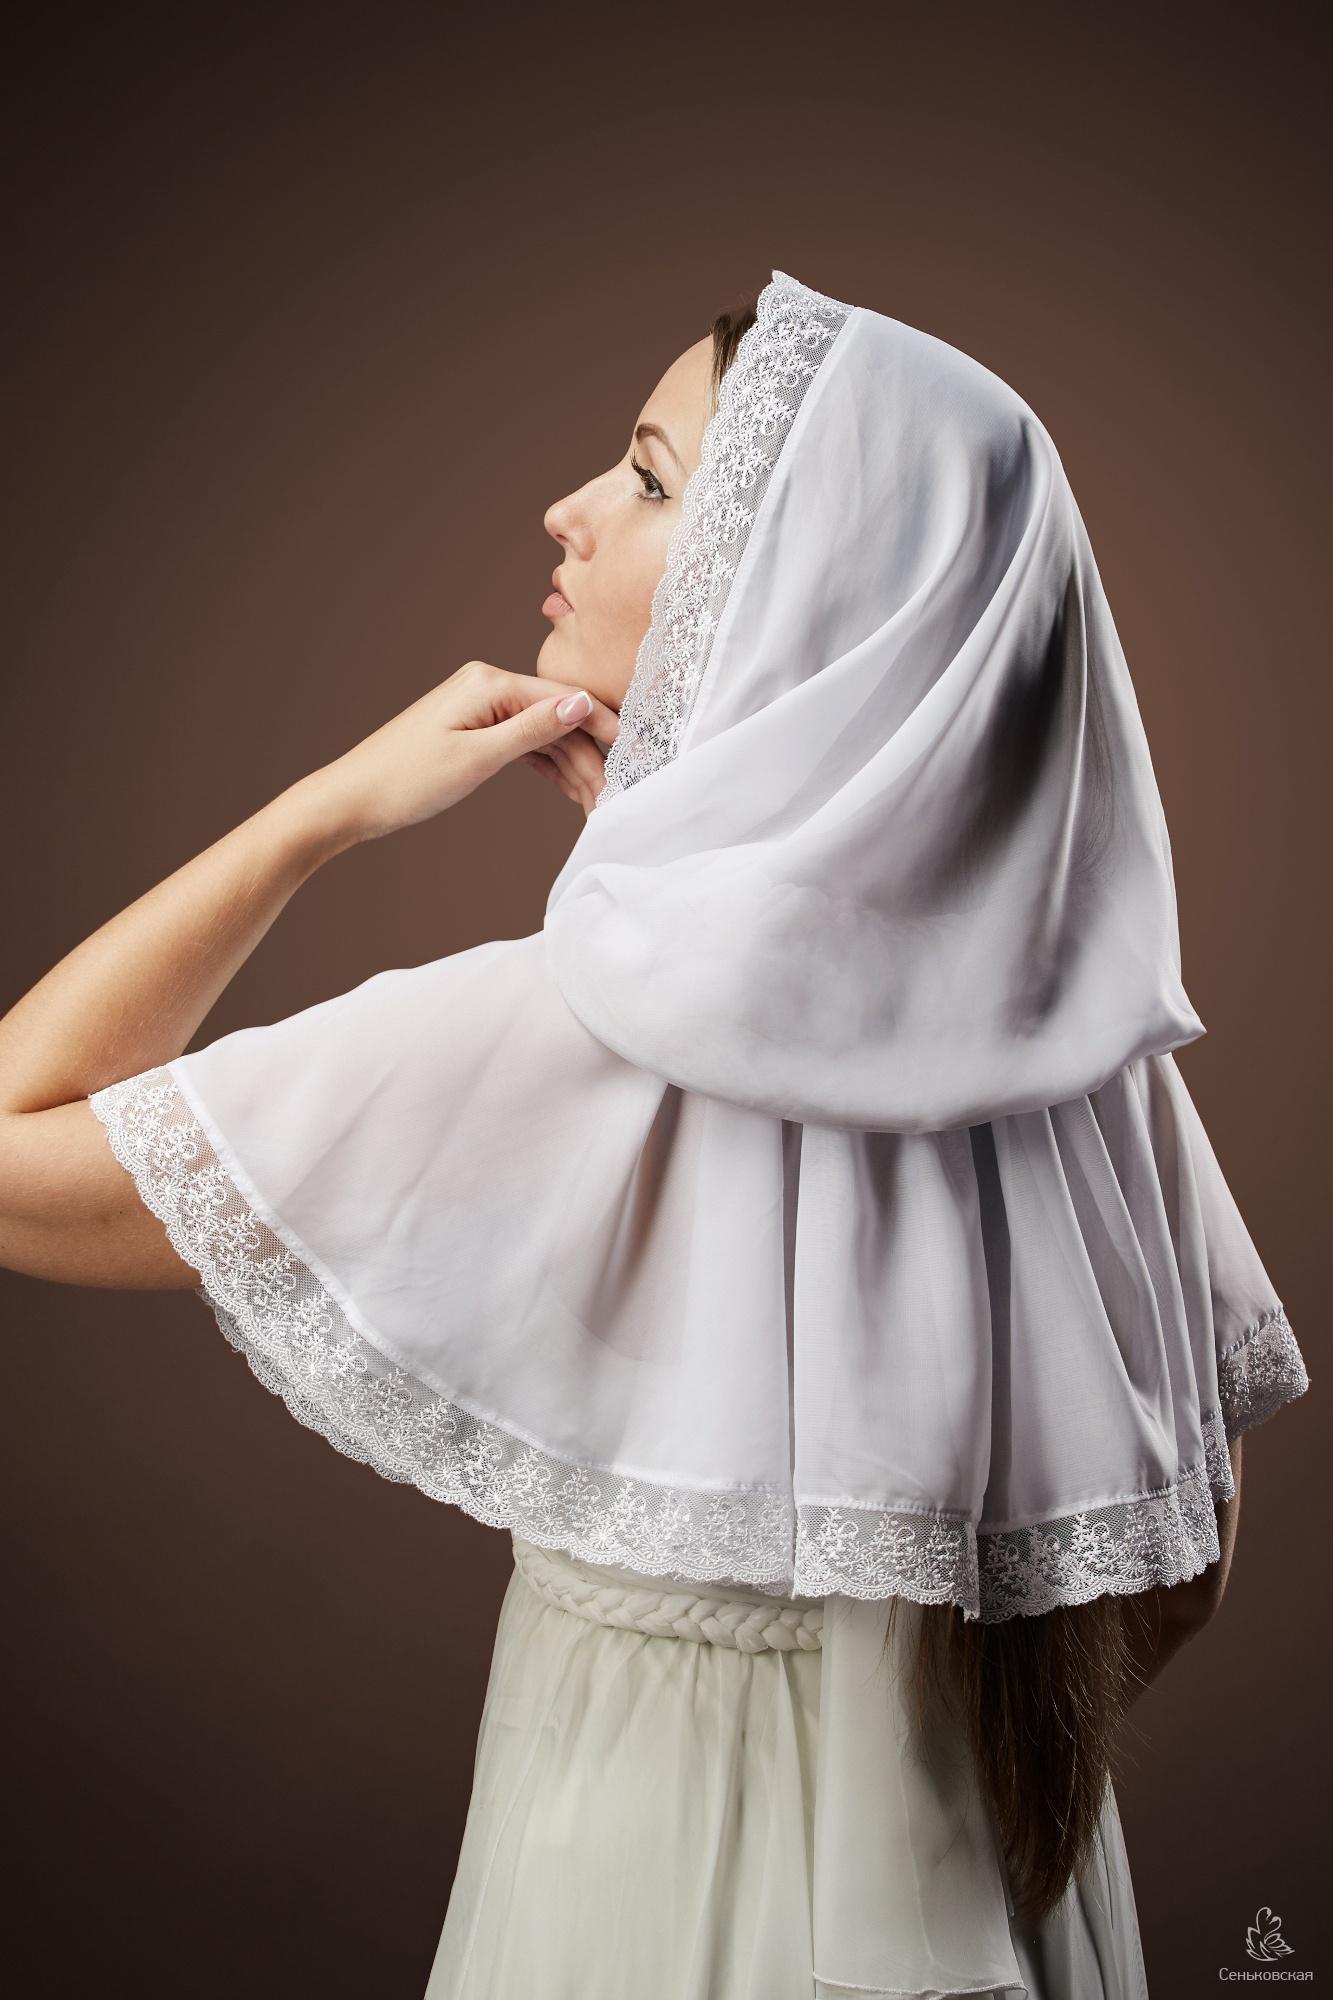 Связанные платками девушка 16 фотография